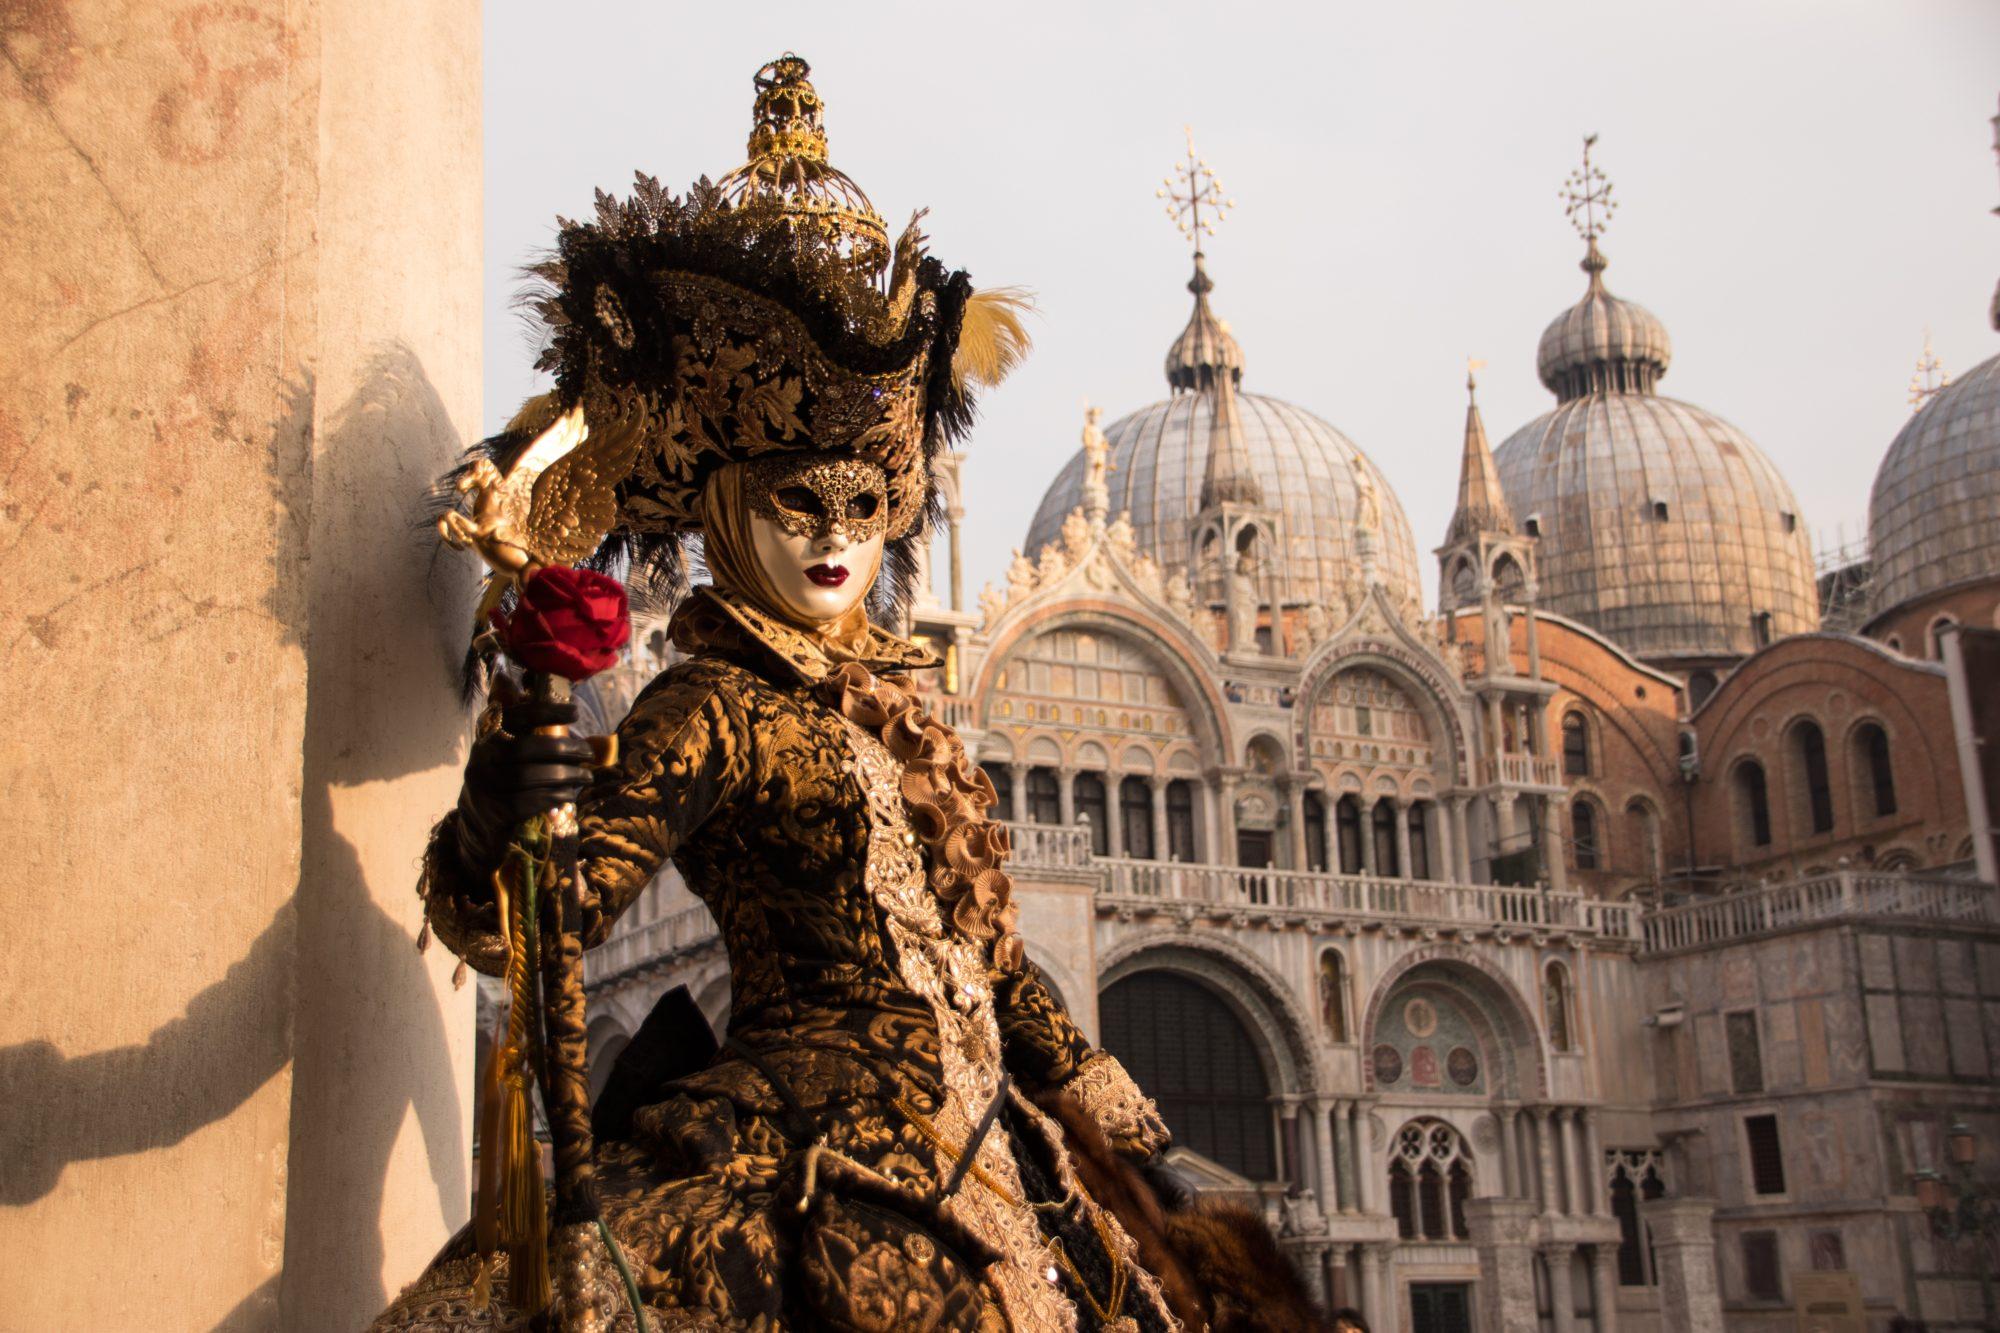 Festival in Venice, Italy